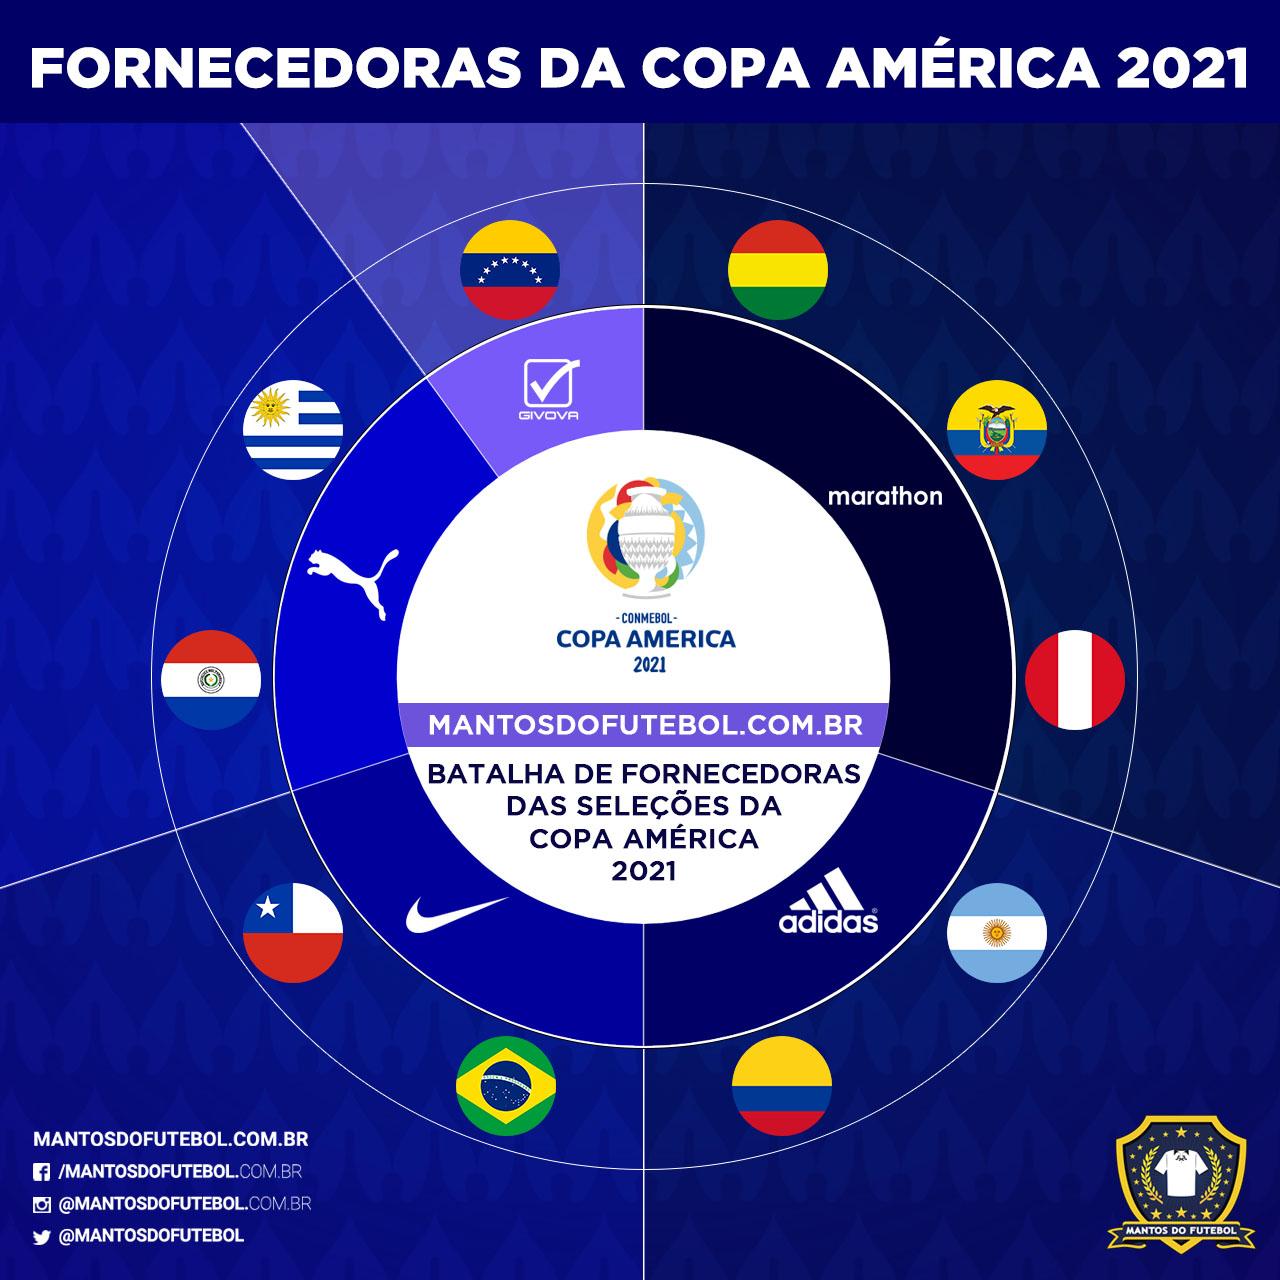 Fornecedoras COPA AMÉRICA 2021